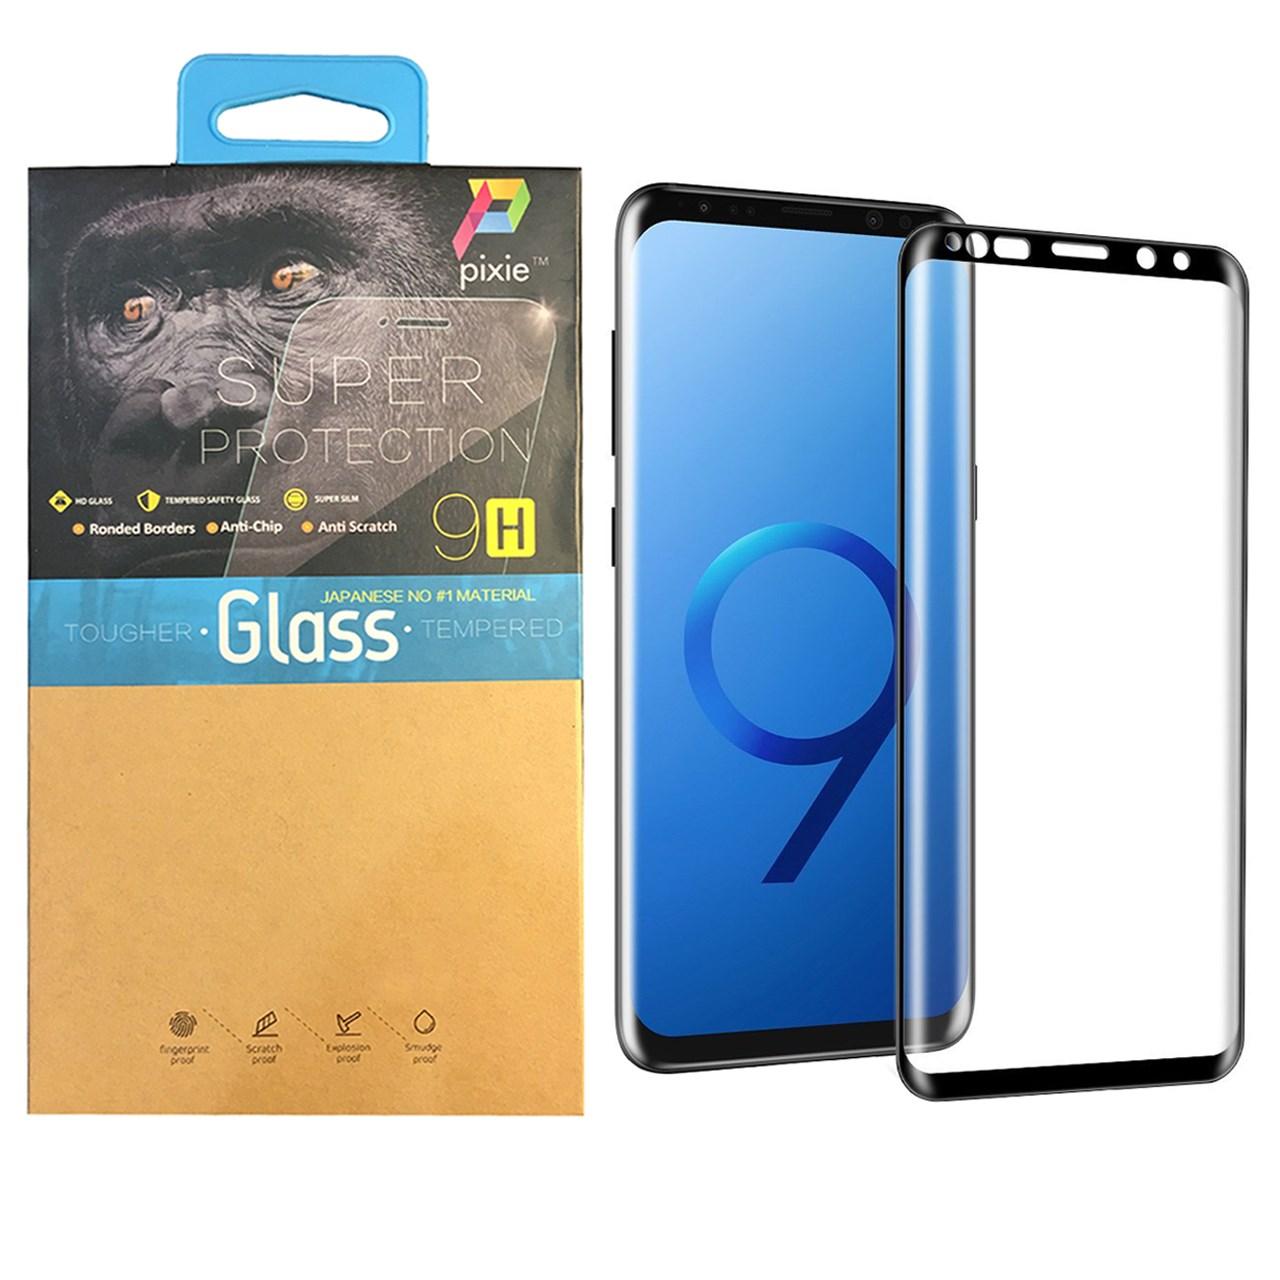 محافظ صفحه نمایش  تمام چسب شیشه ای پیکسی مدل 3D  مناسب برای گوشی سامسونگ گلکسی S9 Plus